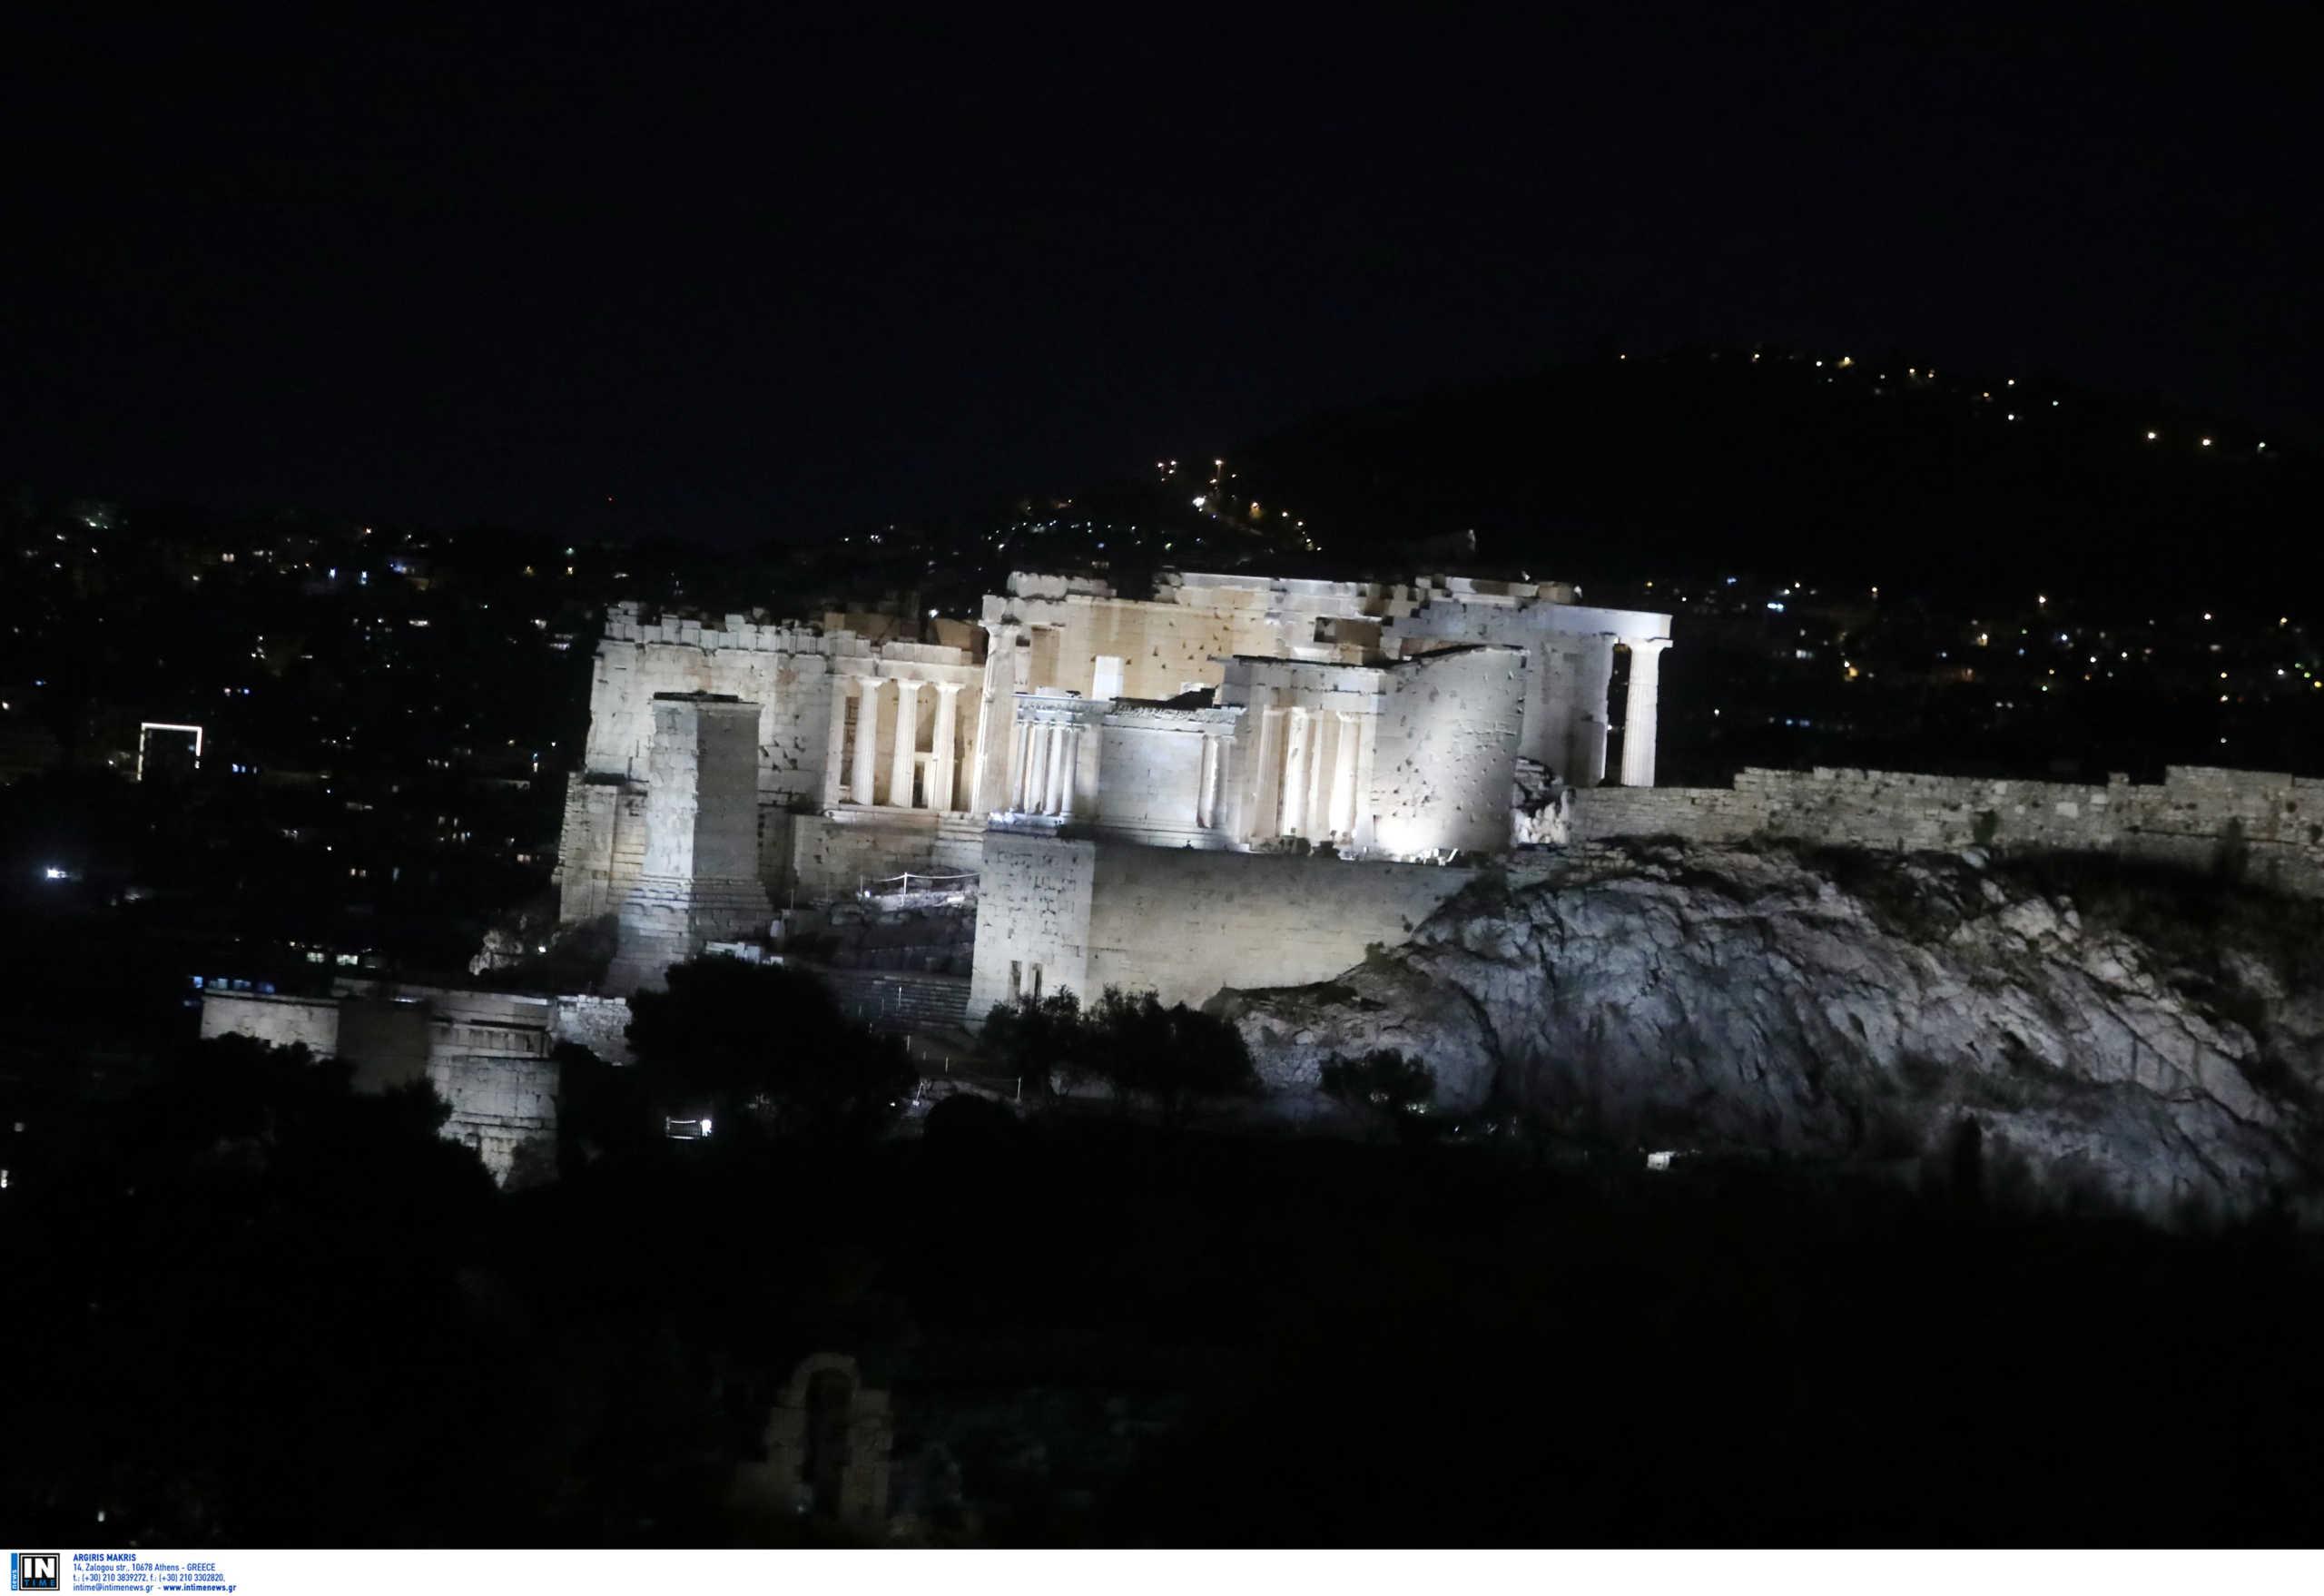 Η Ακρόπολη… άλλαξε! Άκρως εντυπωσιακός ο νέος φωτισμός της (pics)